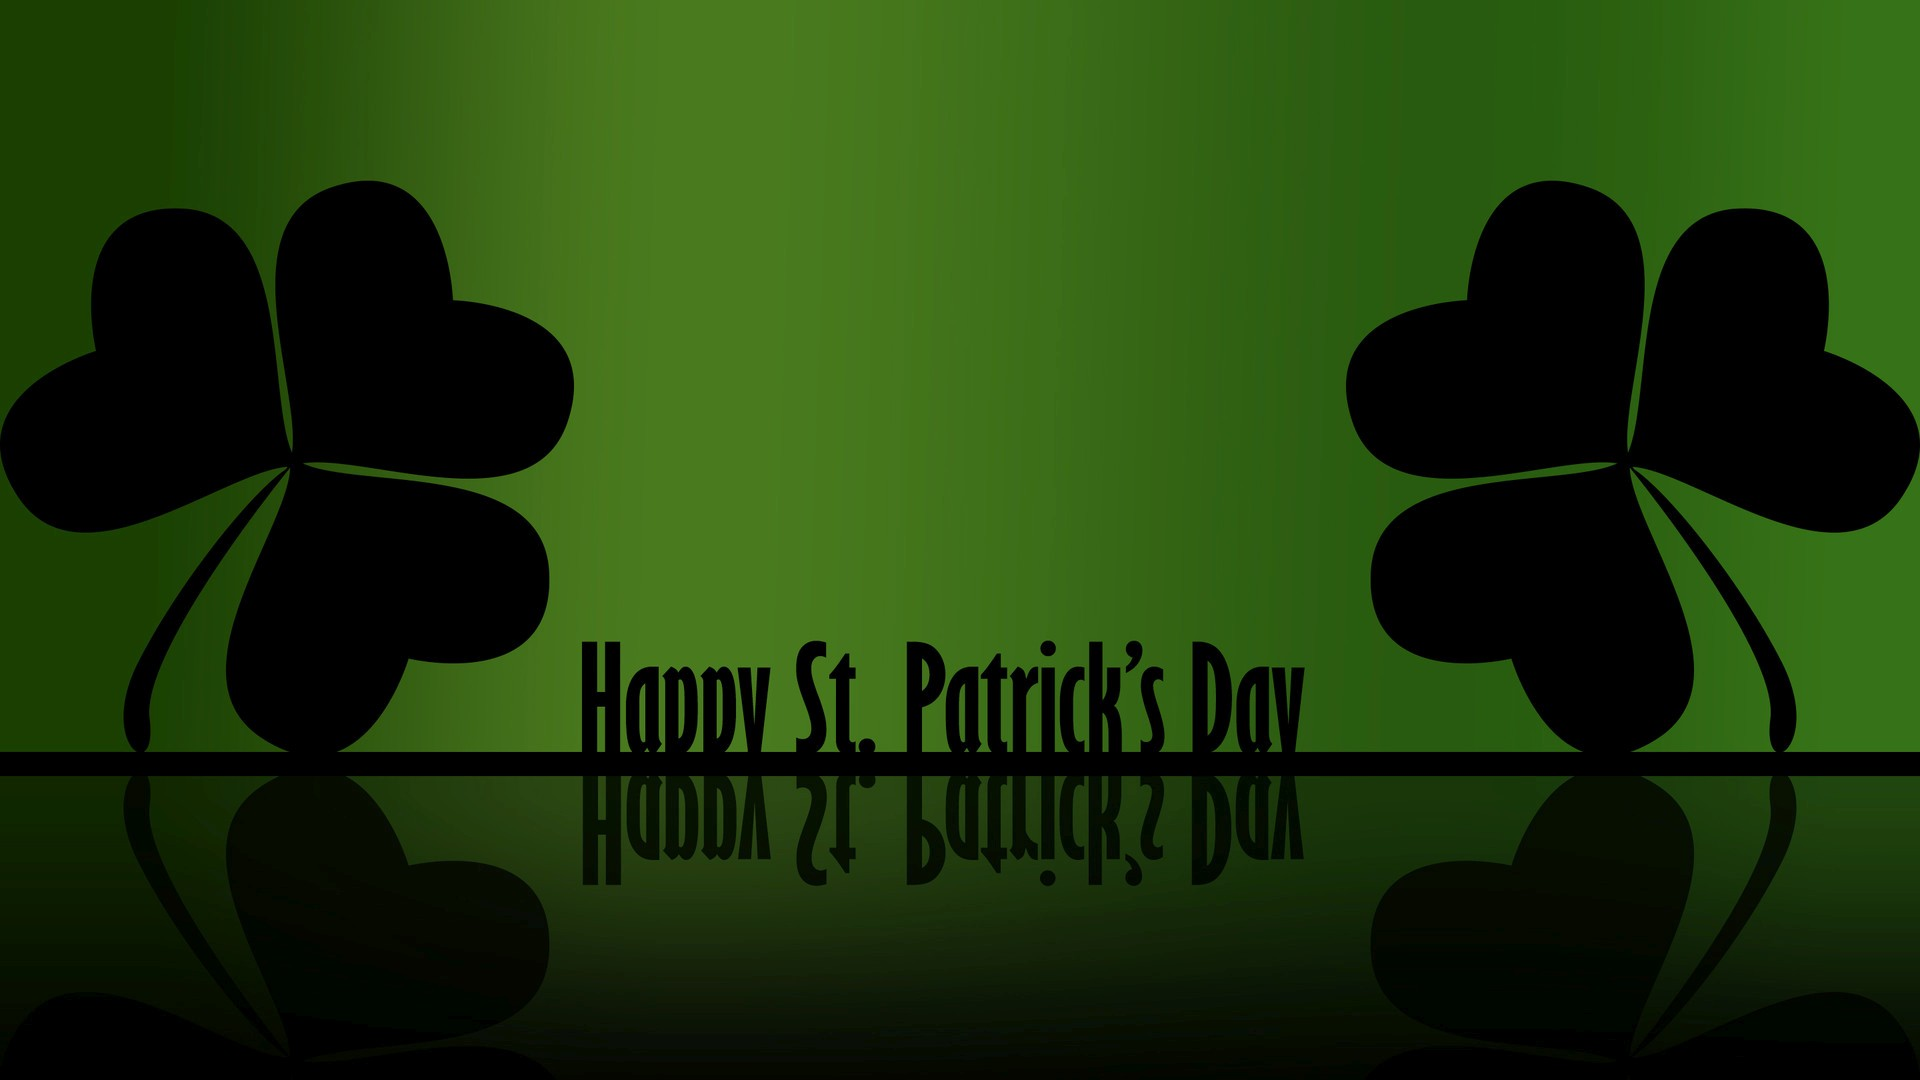 St. Patrick's Day 2021 Wallpaper theme